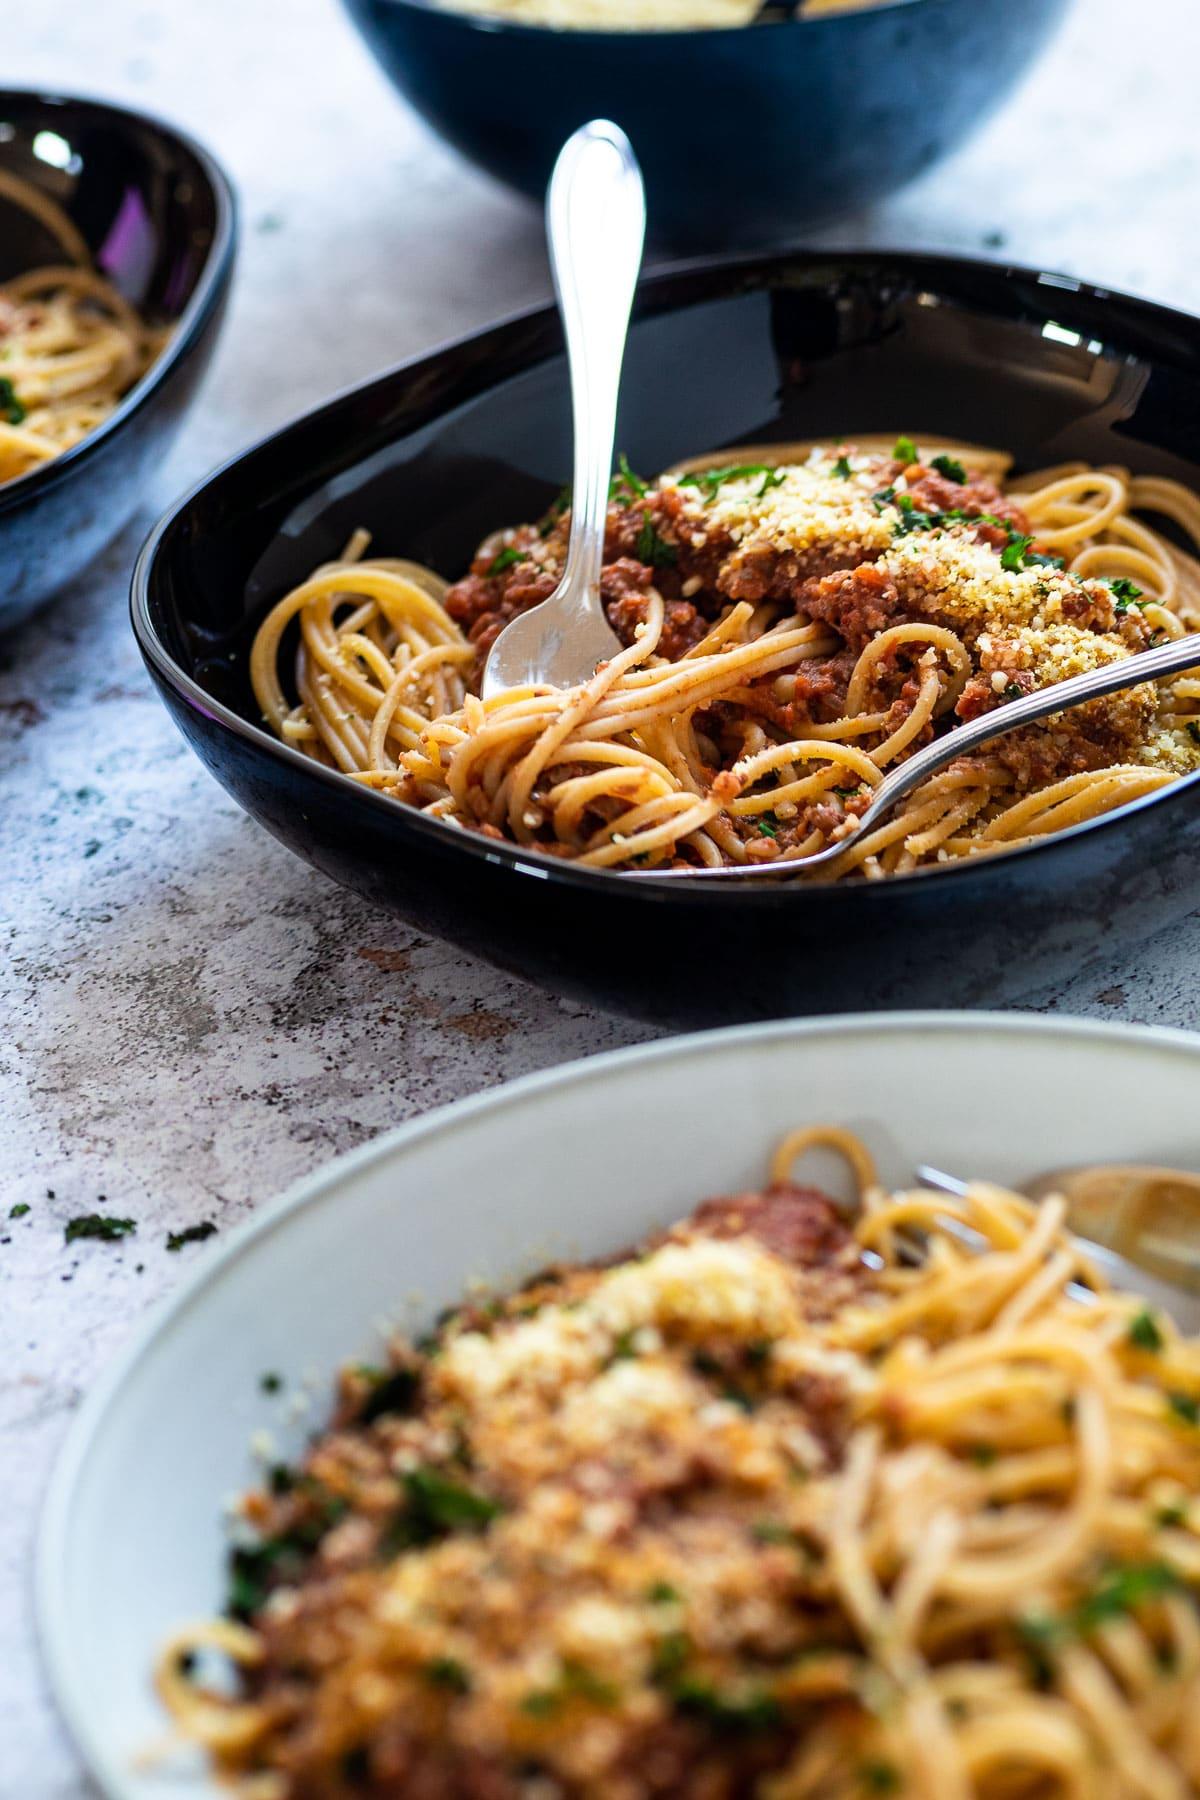 Hinten eine Spaghetti-Schüssel mit veganem Bolognese im Fokus. Andere Schüssel vor ist verschwommen